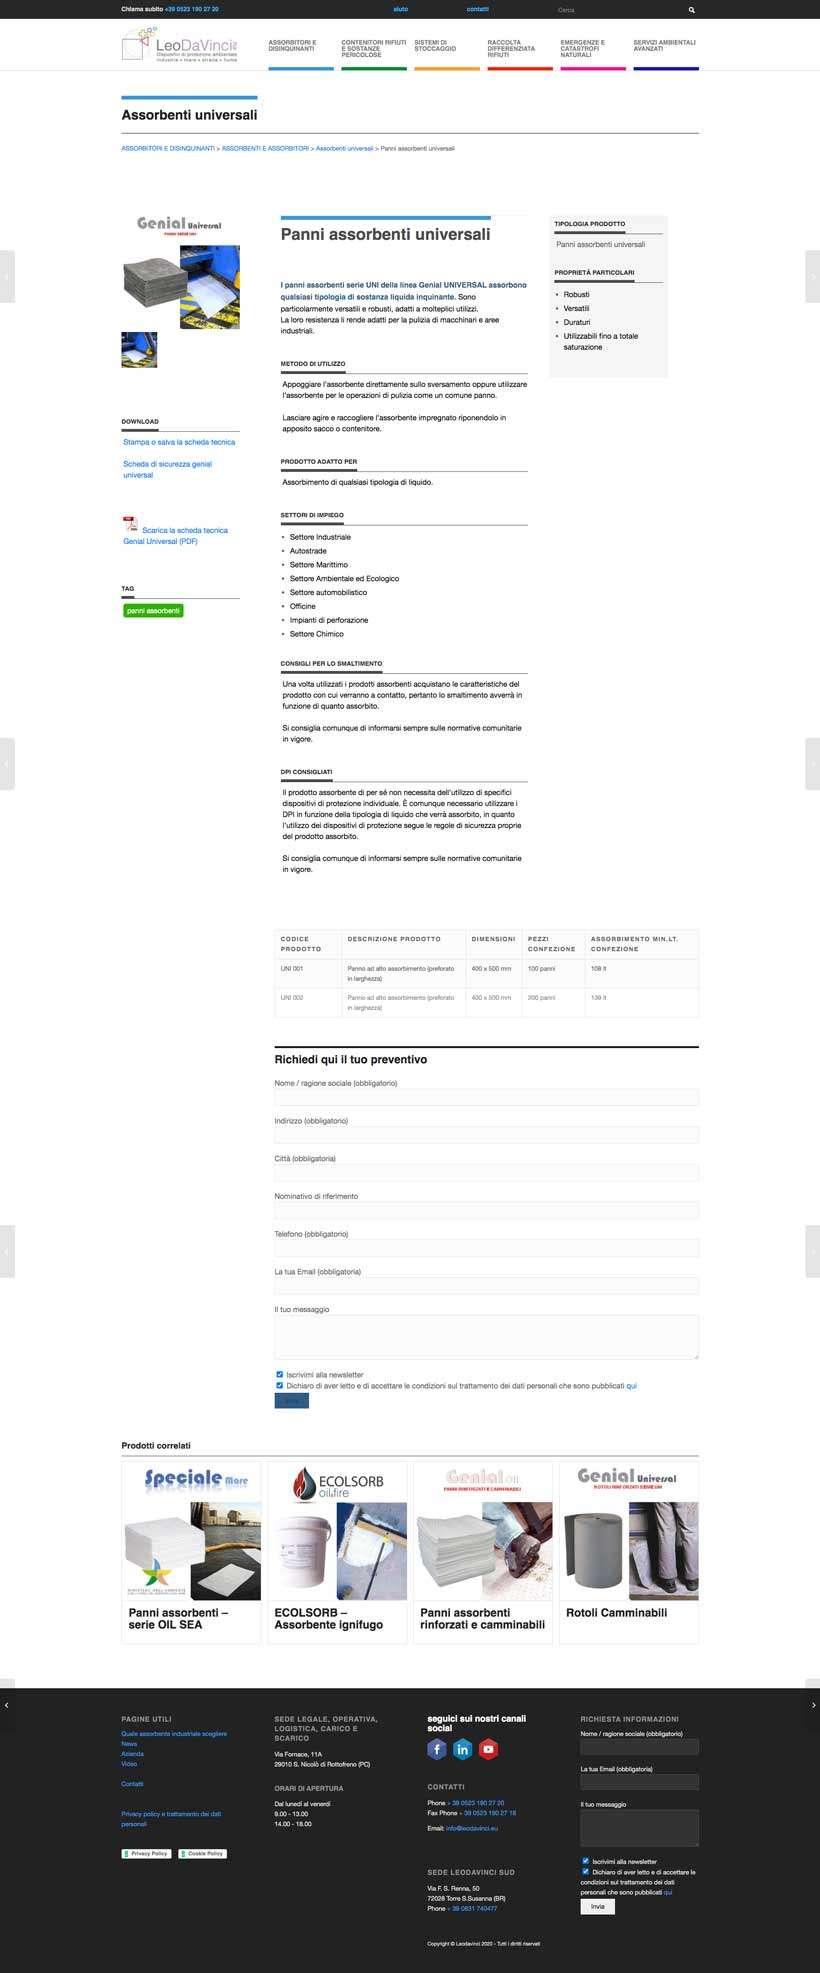 redesign scheda prodotto sito web leodavinci